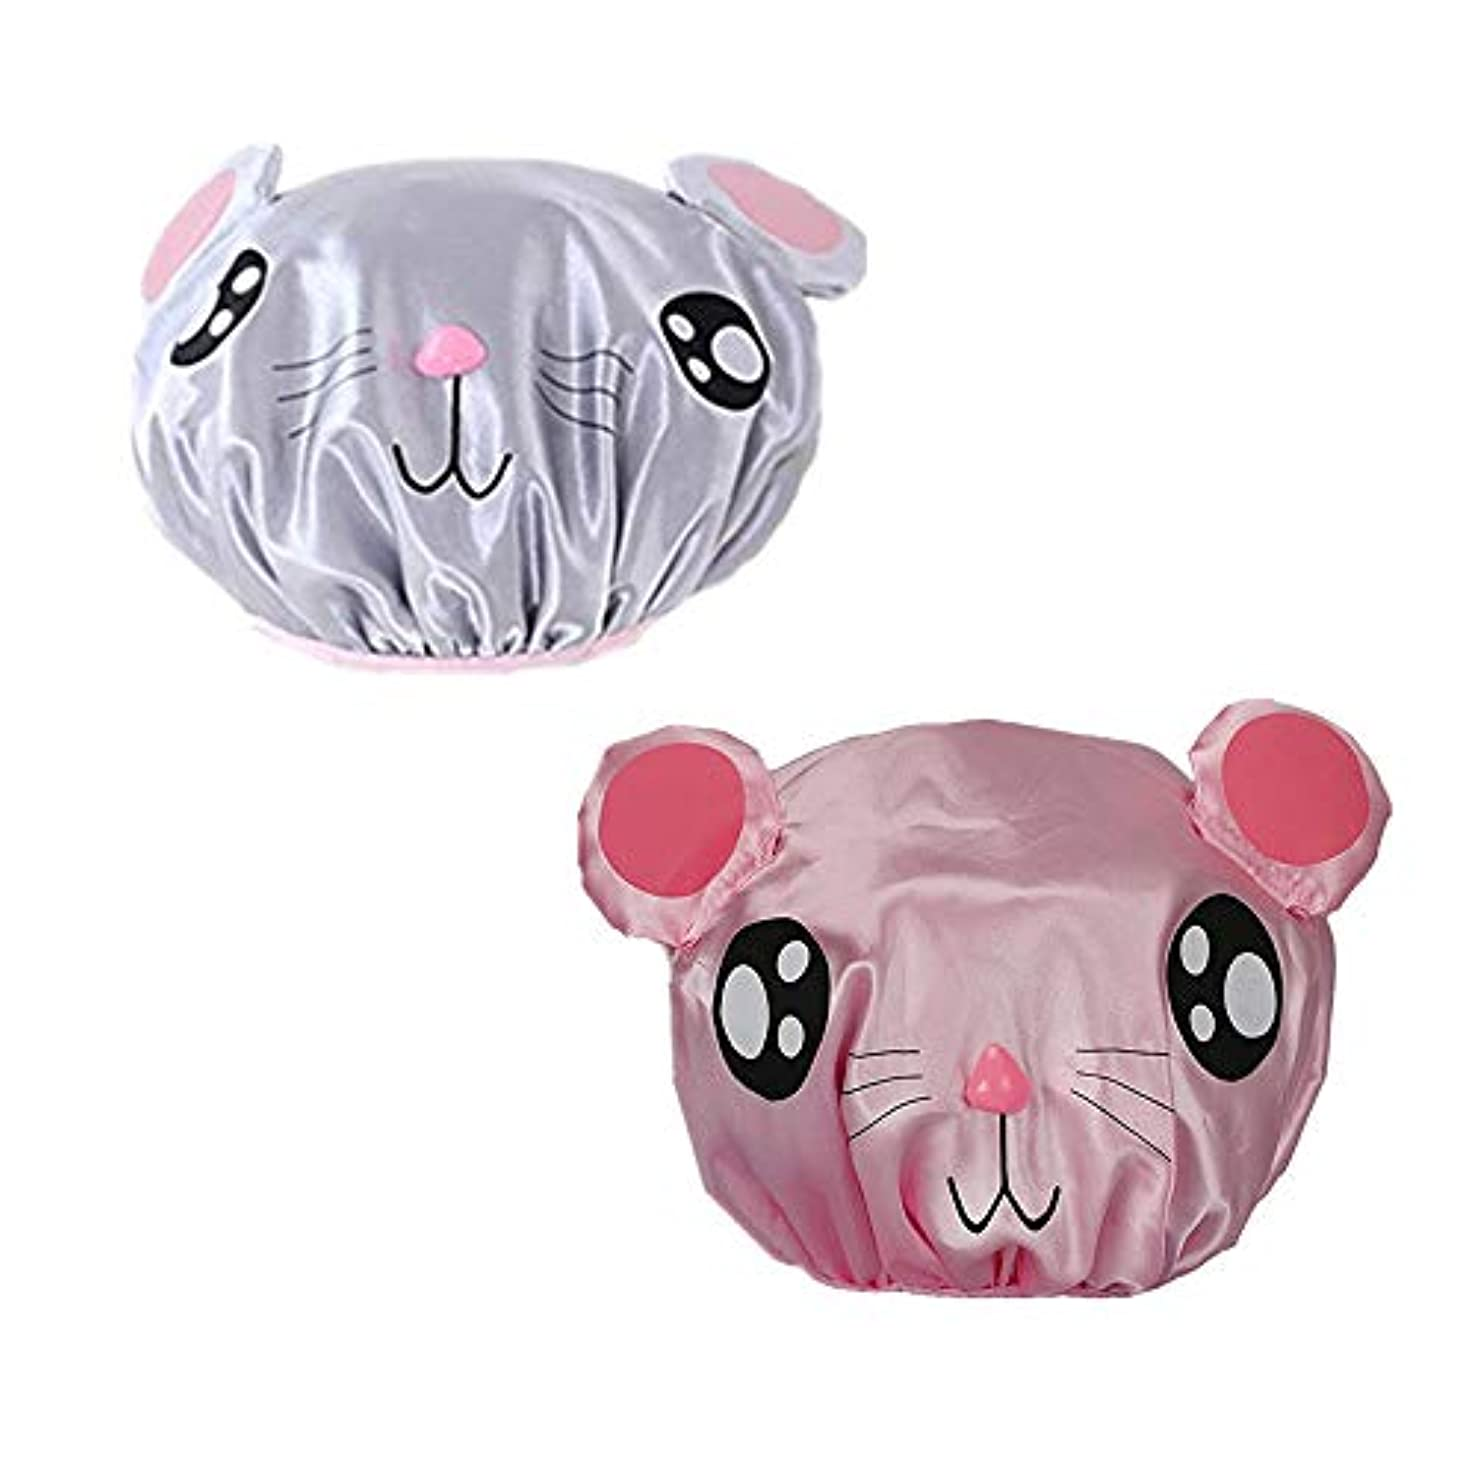 間違っているアンケートストッキングKingsie シャワーキャップ キッズ 子供用 2枚セット ヘアキャップ 可愛い 動物柄 カートゥーン 防水帽 入浴キャップ お風呂 ピンク/グレー